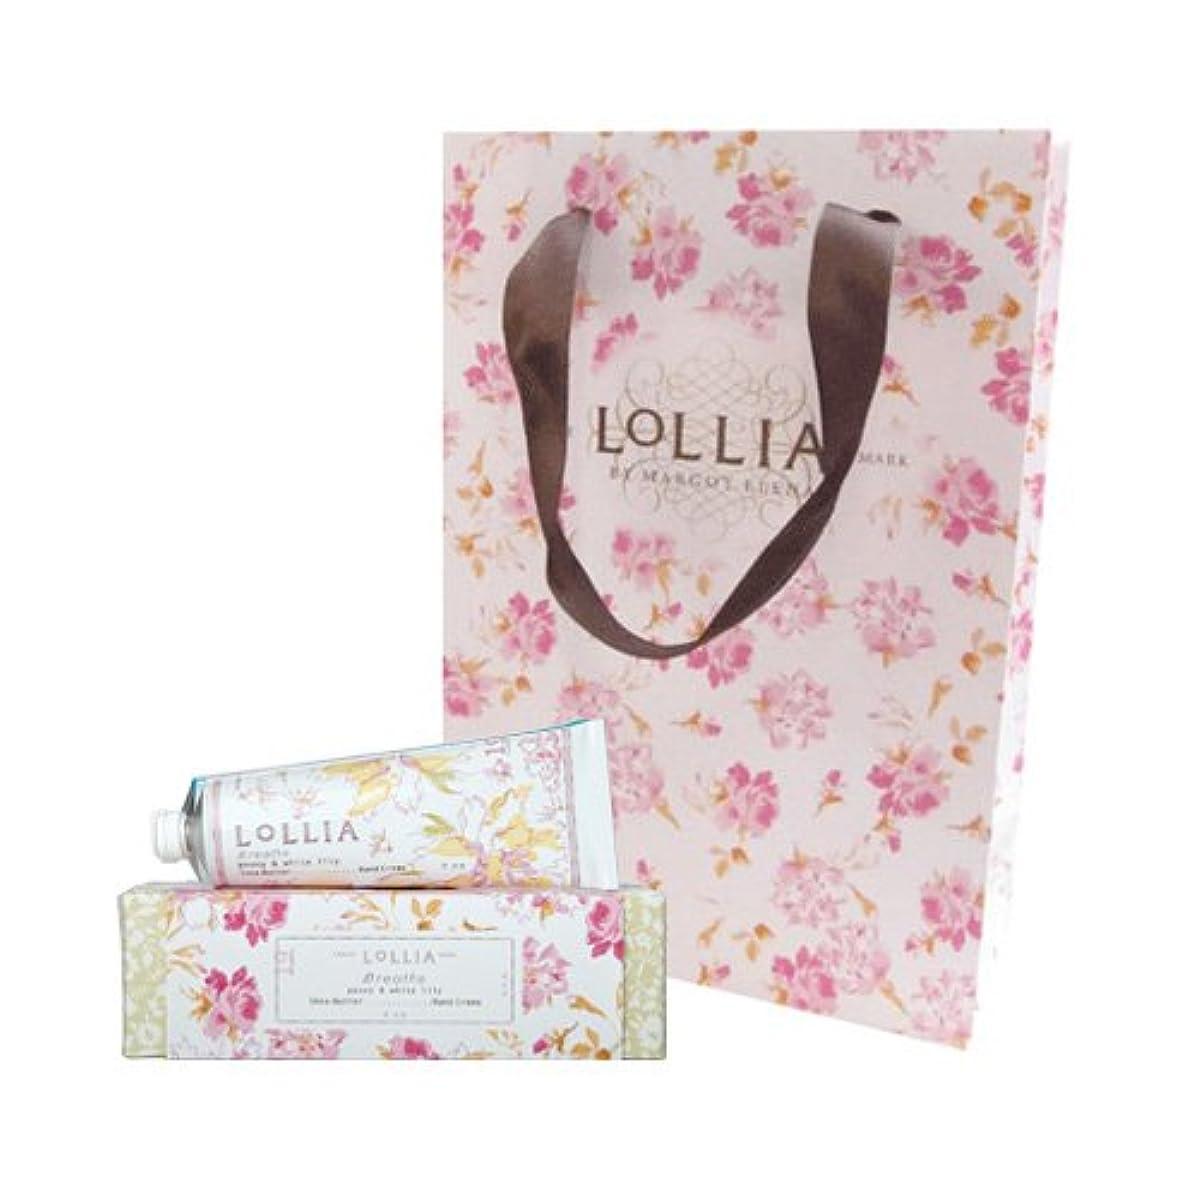 結紮写真のくるくるロリア(LoLLIA) ハンドクリーム Breath 35g (ピオニーとホワイトリリーの甘くさわやかな香り) ショッパー付